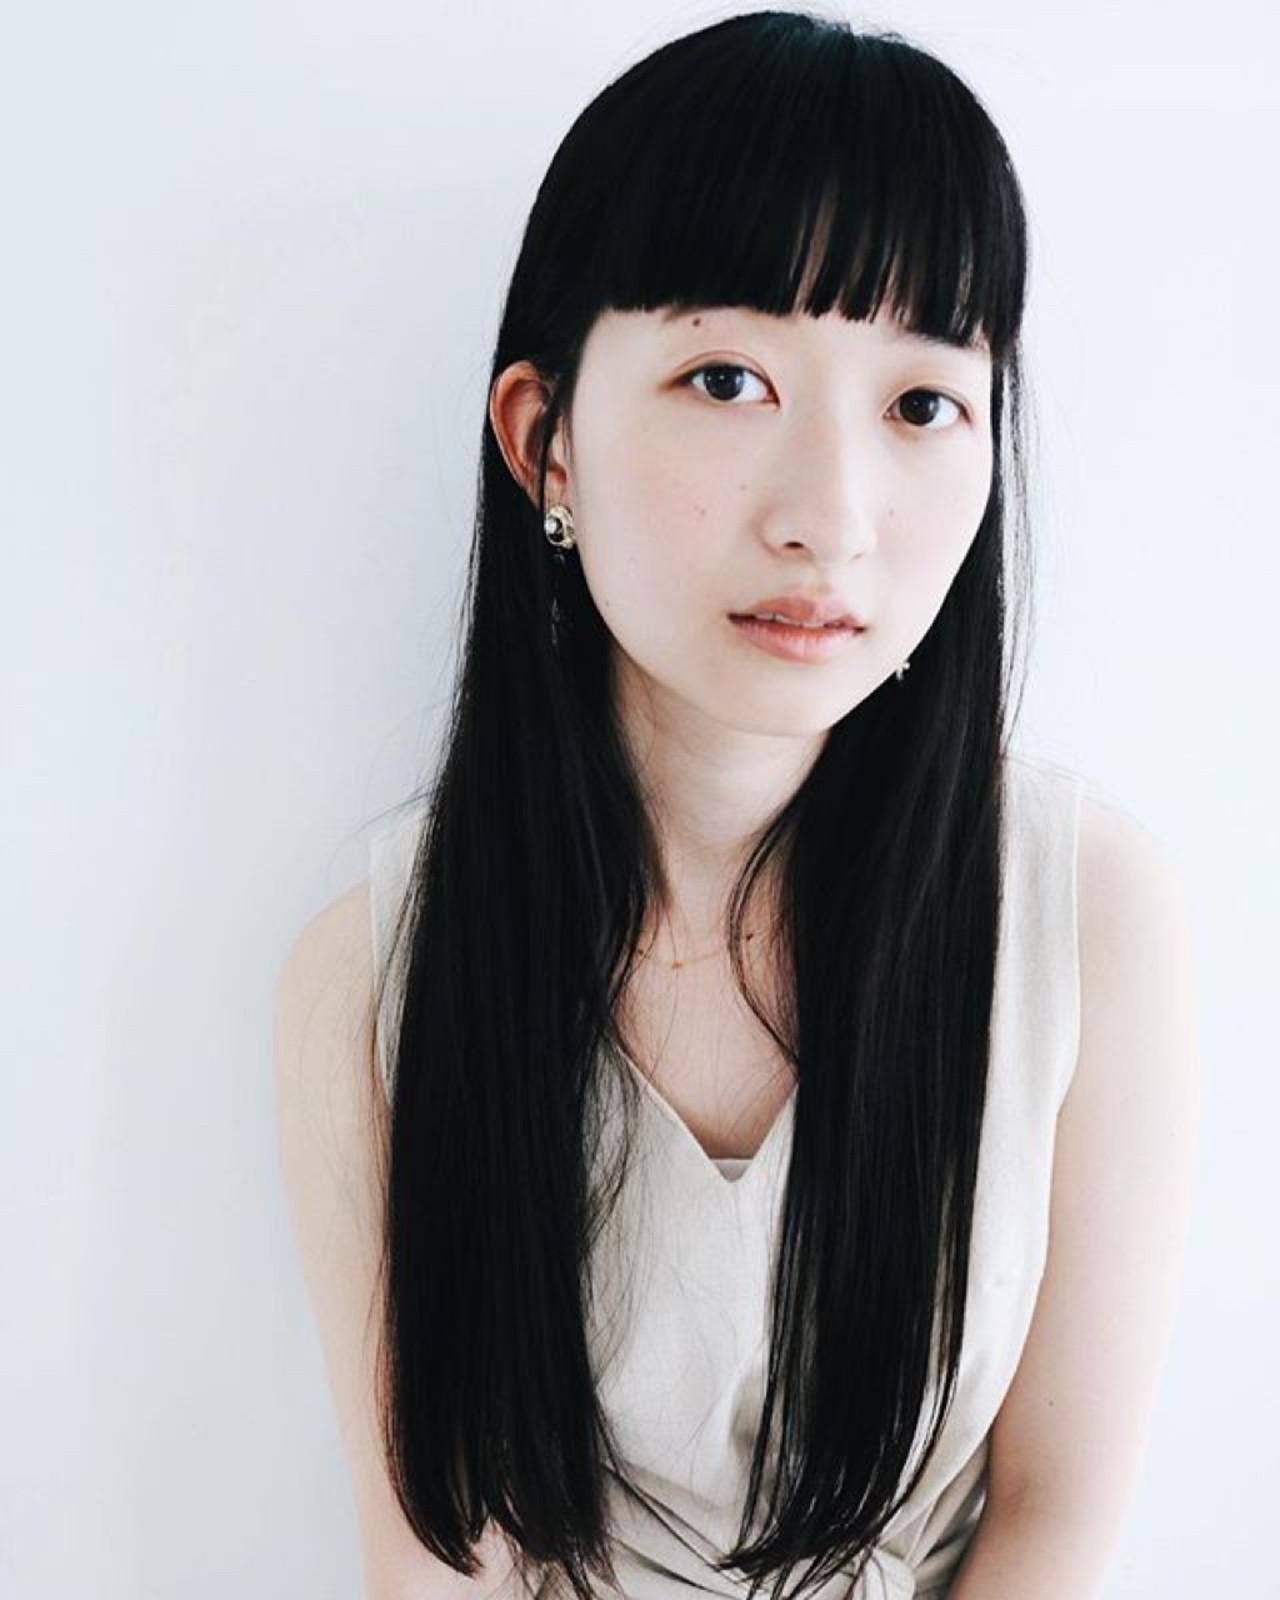 日本風♡ナチュラルな黒髪美人スタイル 丸山悟